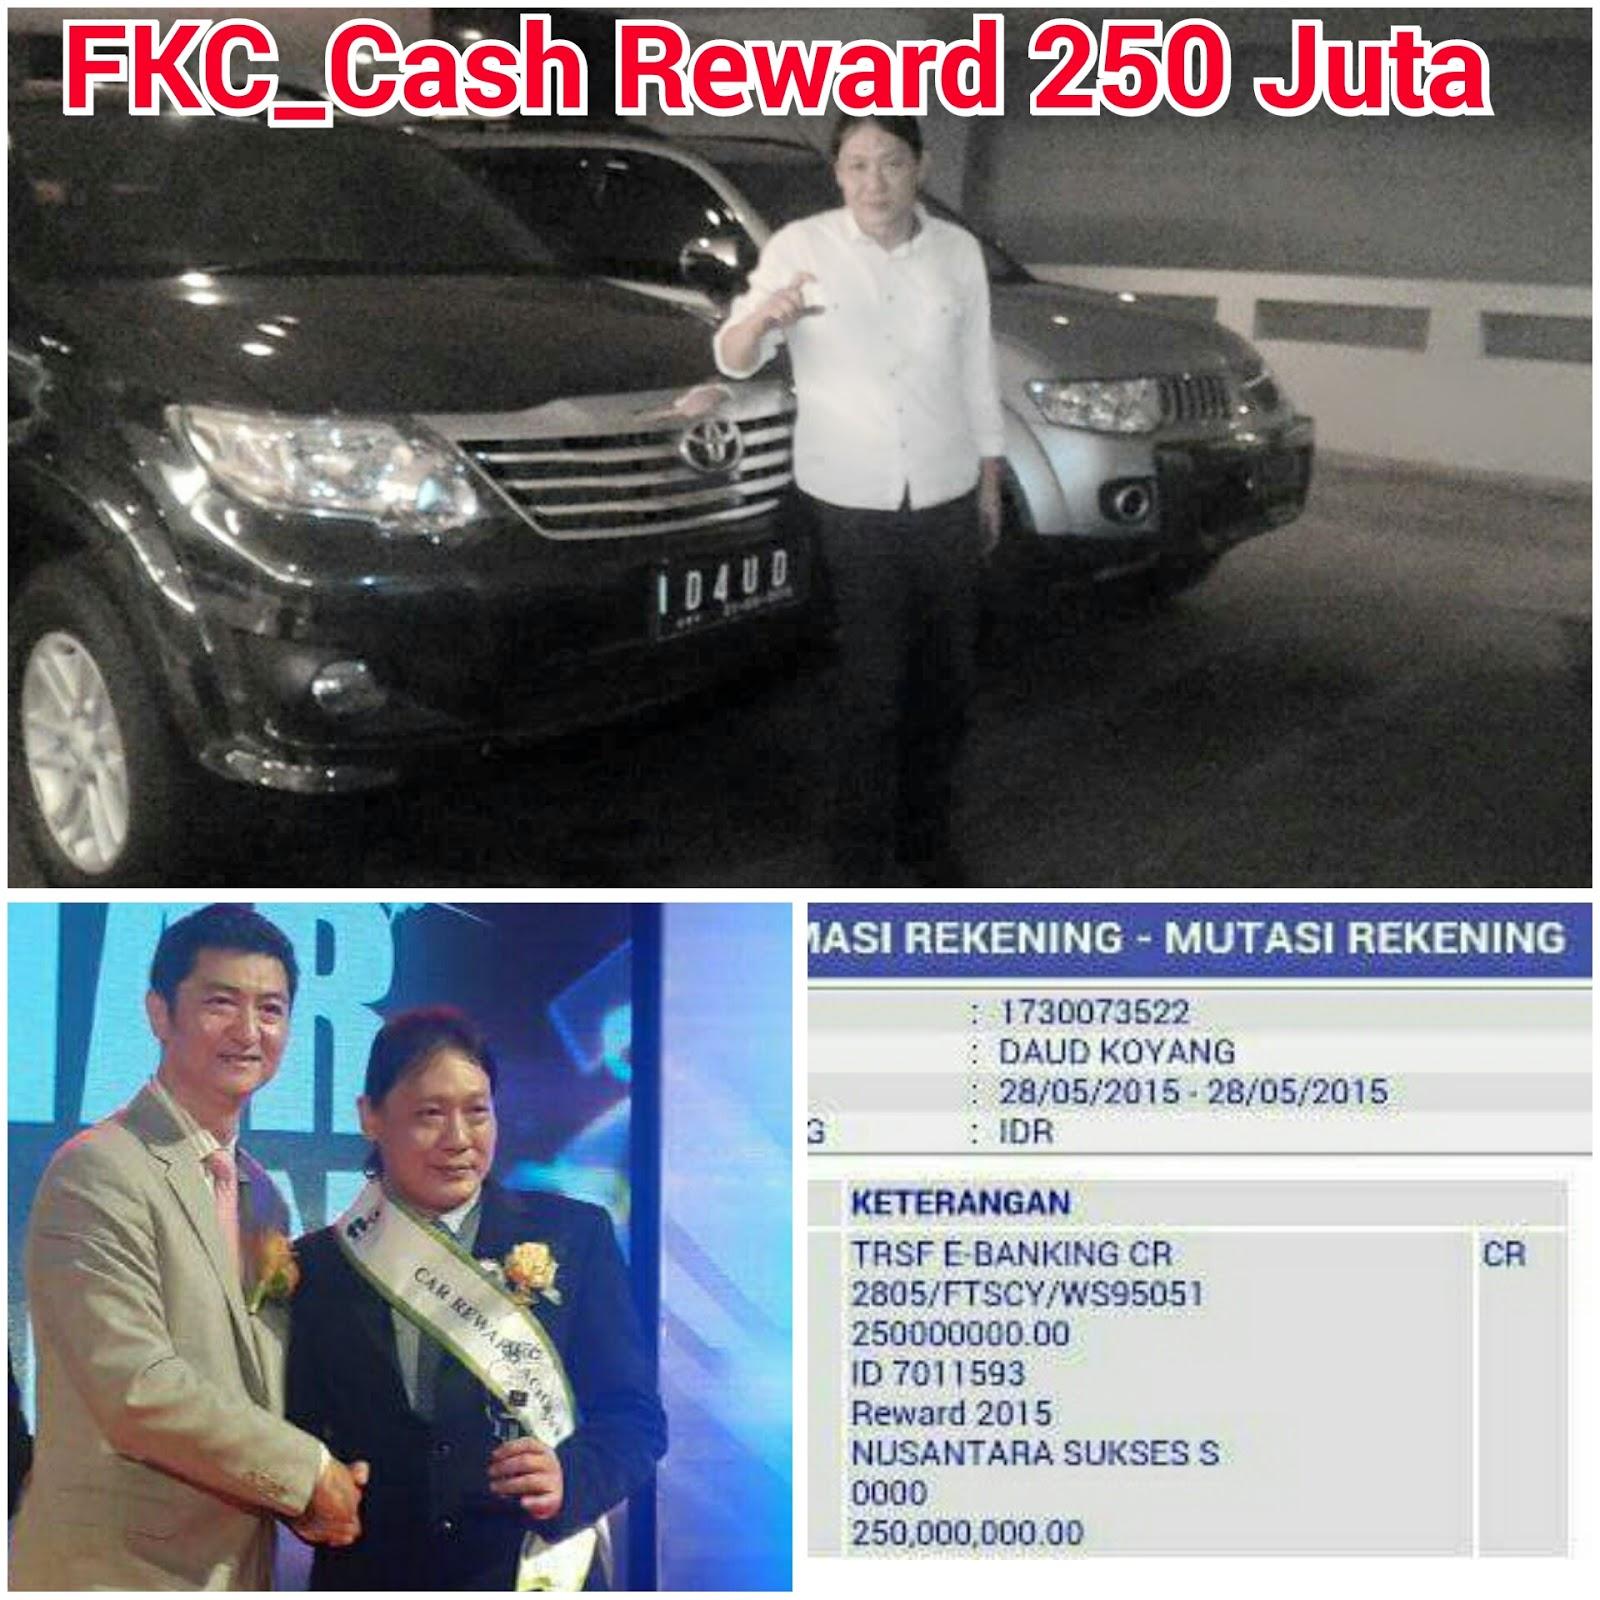 Bisnis Fkc Syariah - Reward Daud Koyang